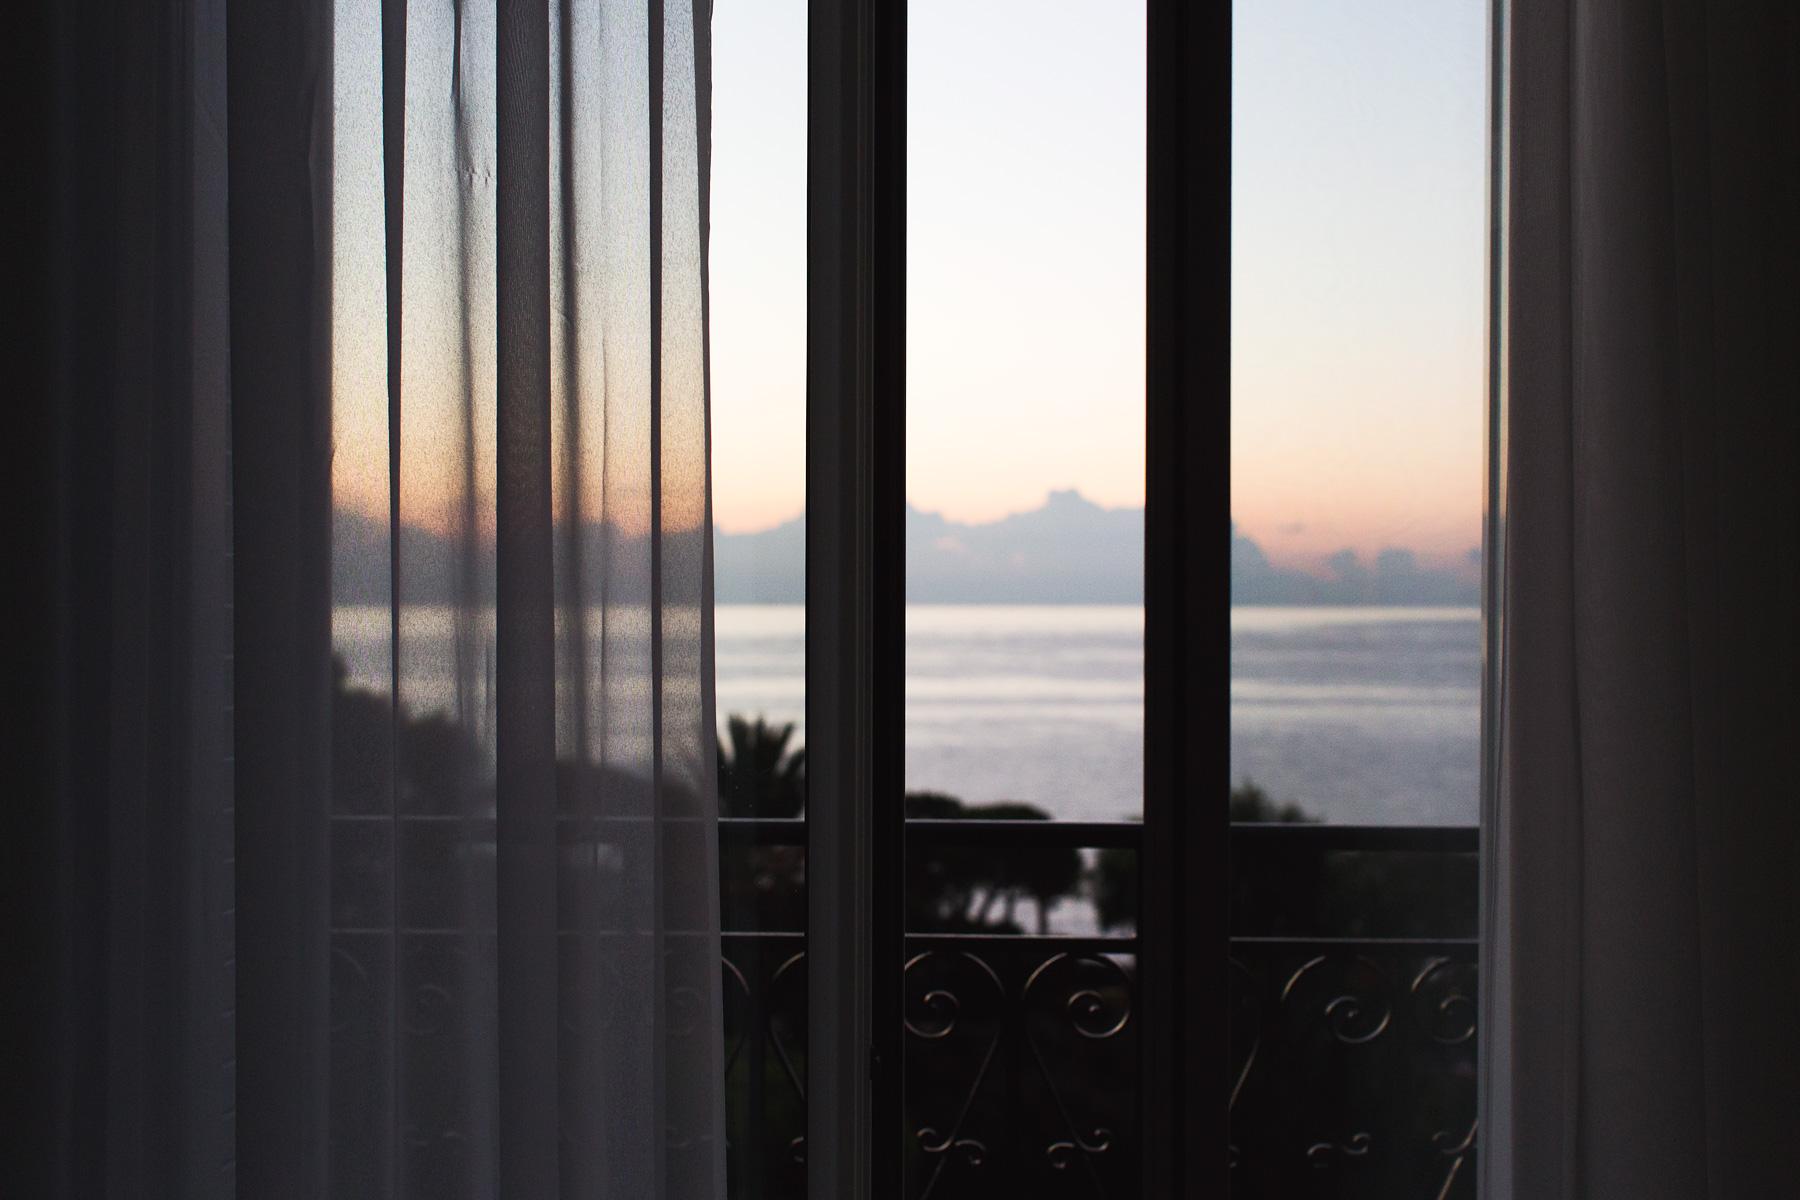 Sunrise in Cap-Ferrat